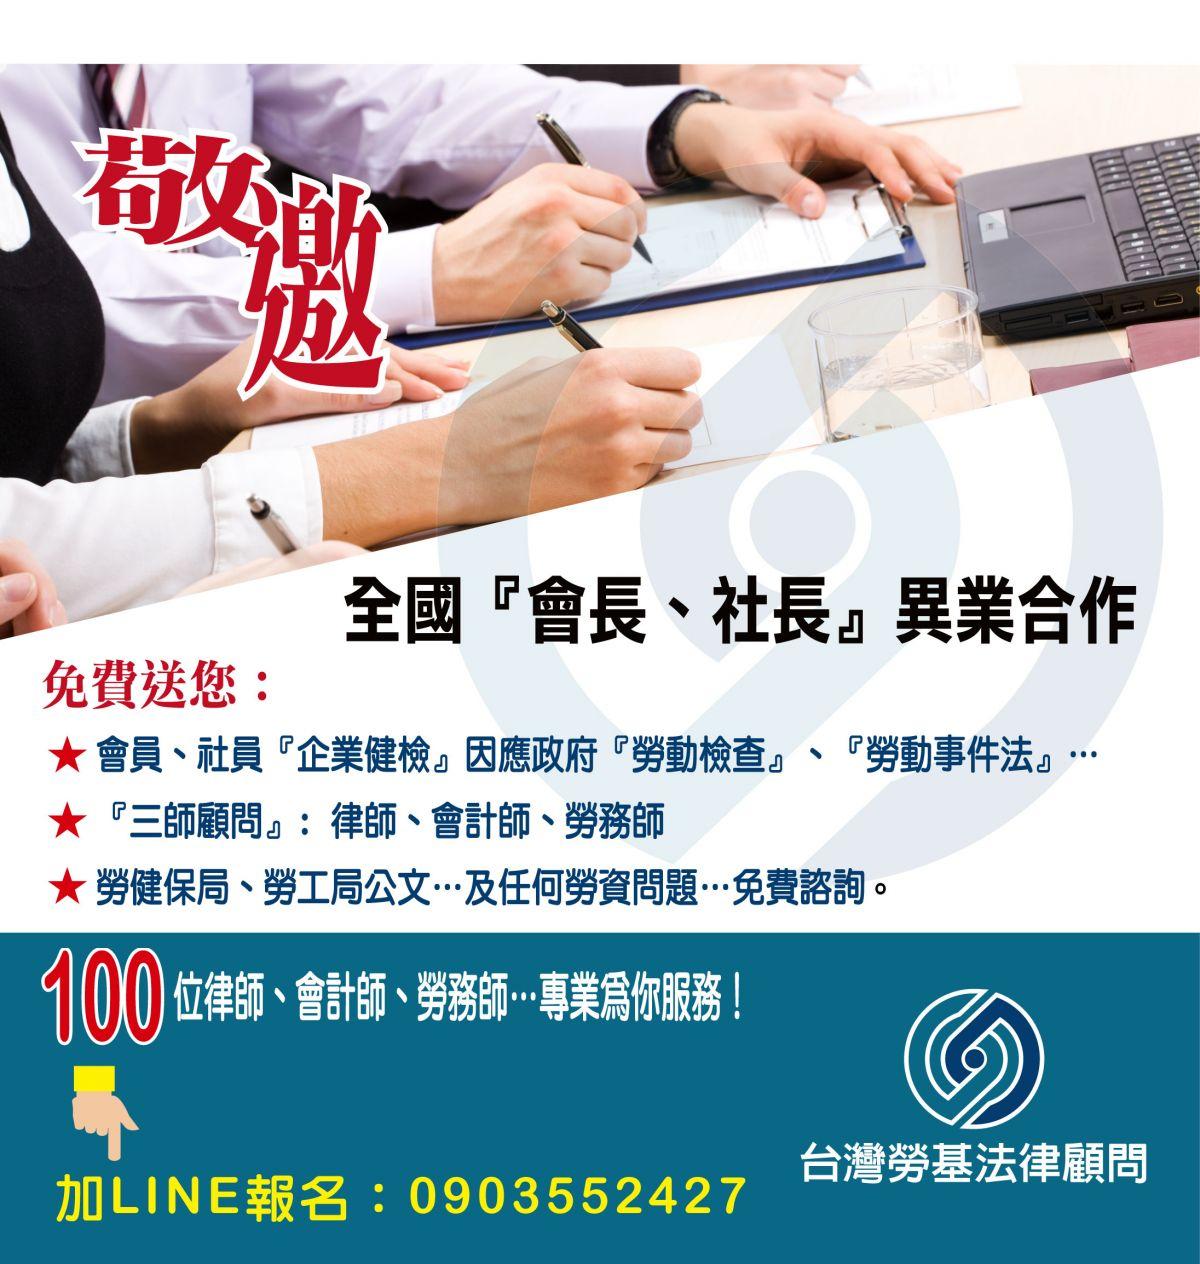 臺灣勞基法顧問公司 - 課程報名